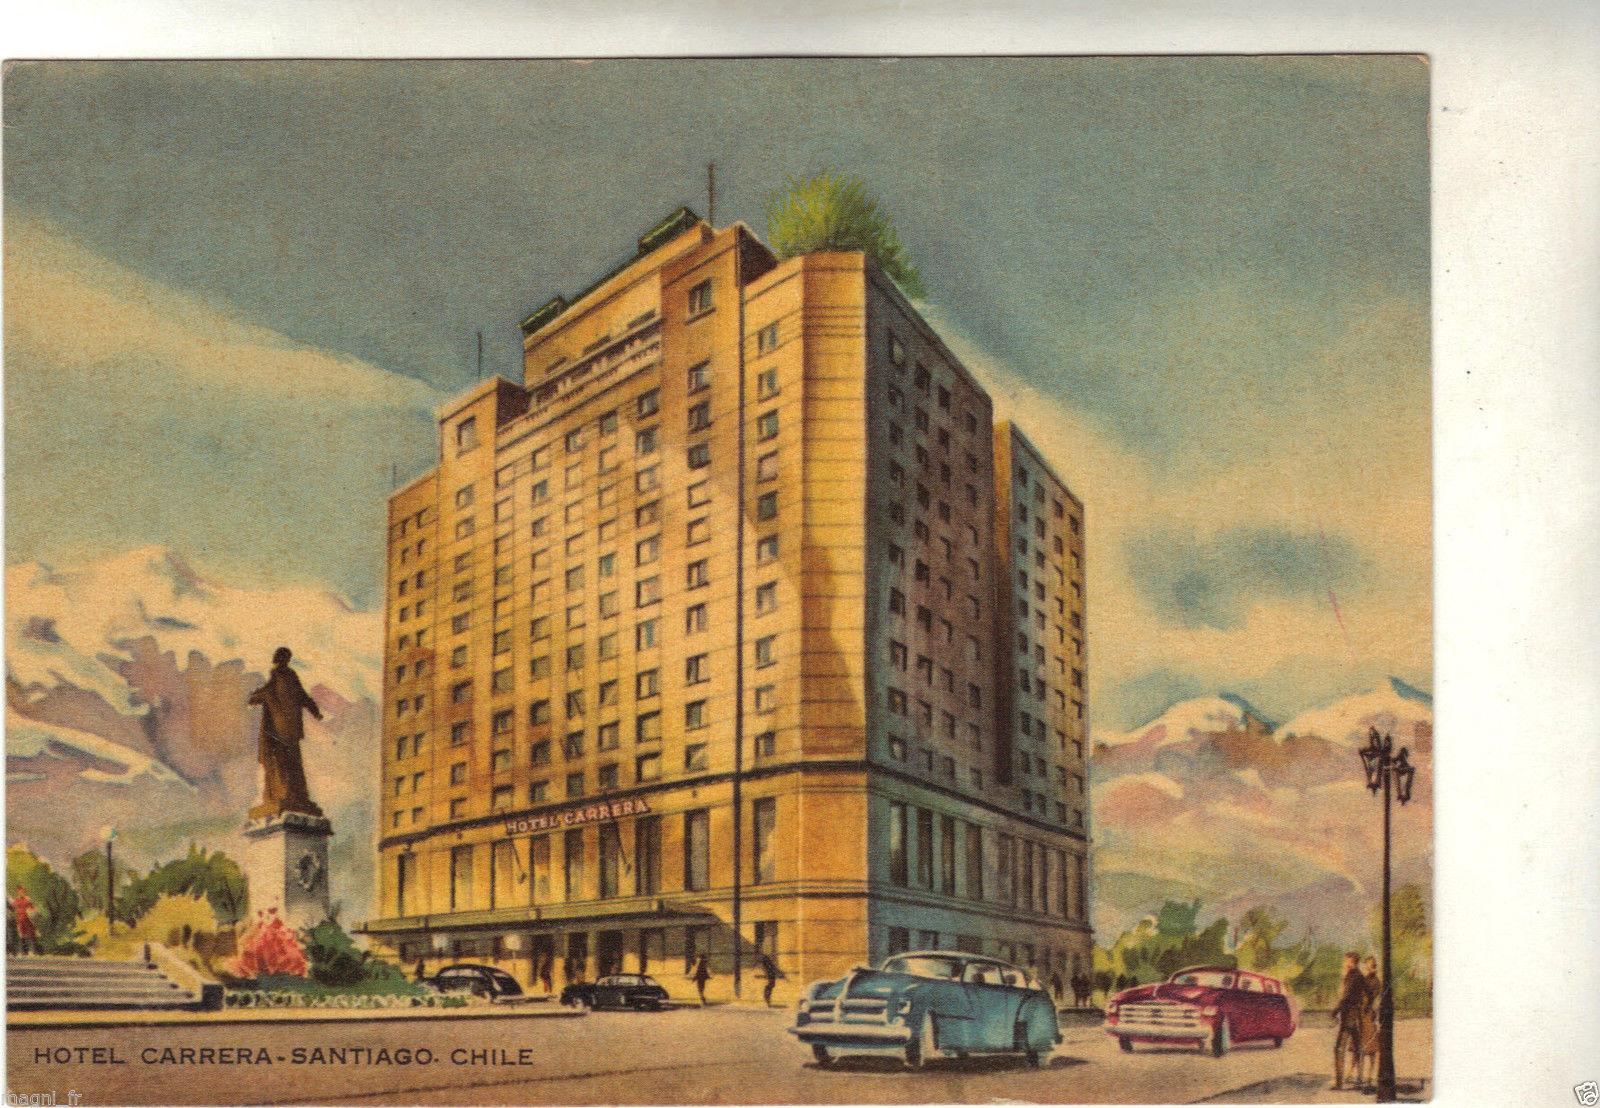 Enterreno - Fotos históricas de chile - fotos antiguas de Chile - Hotel Carrera en 1940